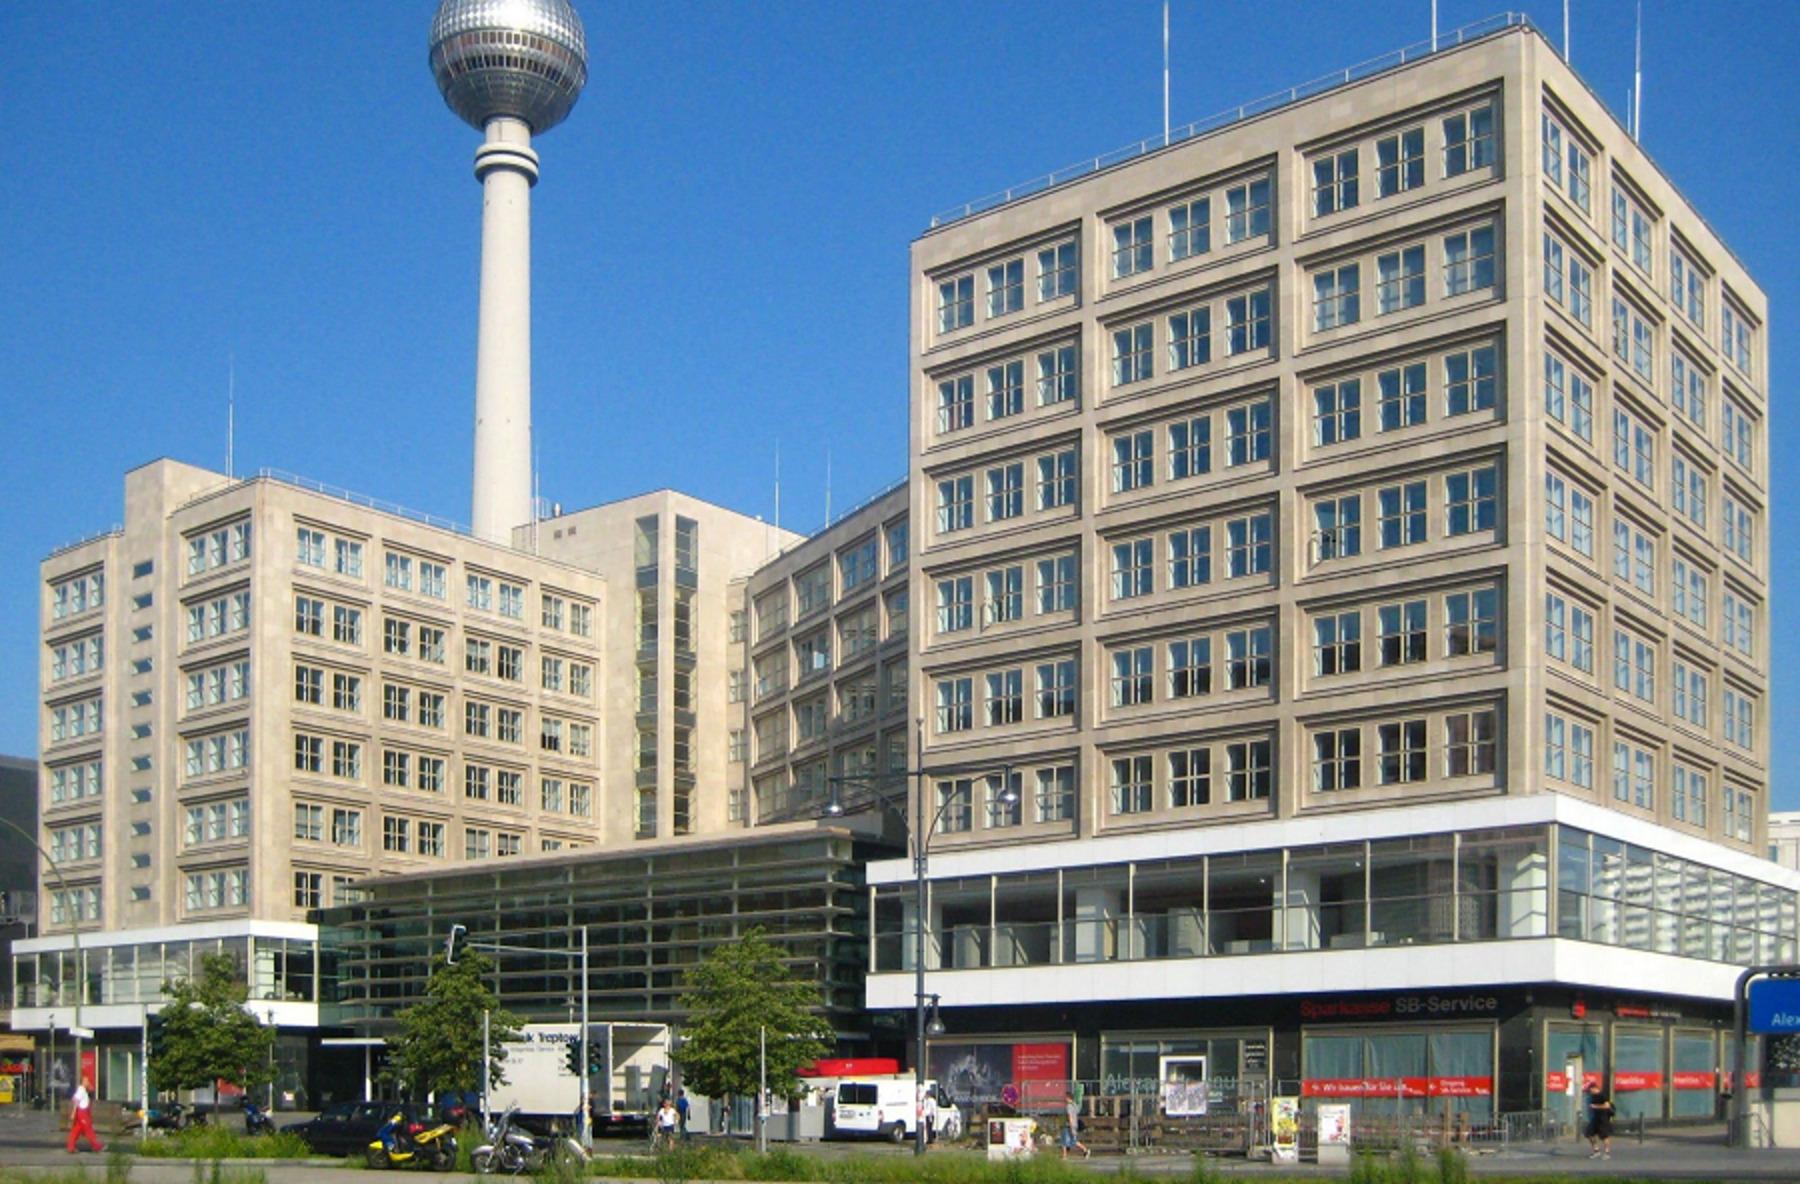 Linus Capital finanziert CENTRUM Projektentwicklung am Alexanderplatz